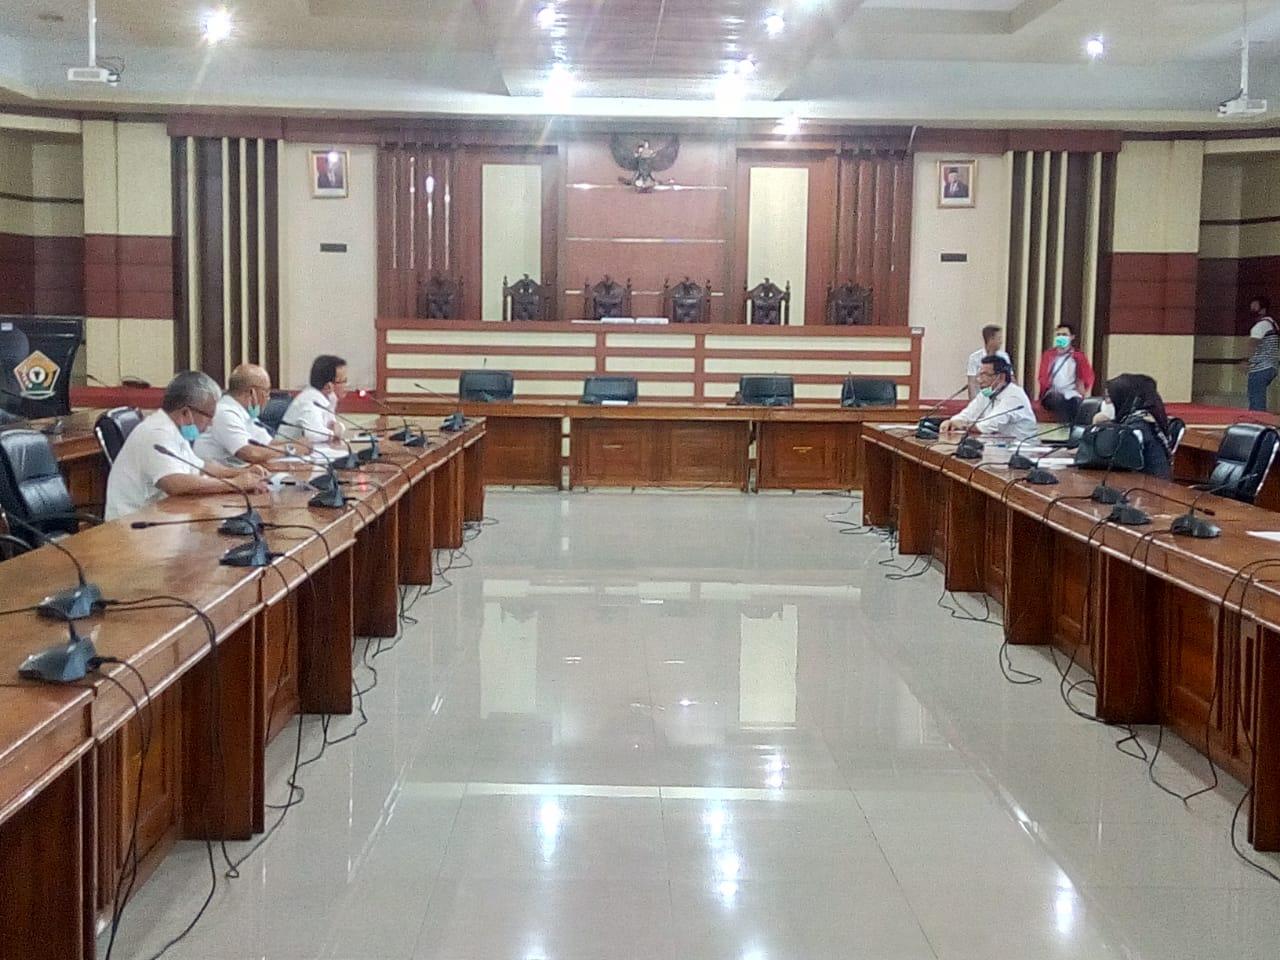 Jelang Lebaran, Dewan Minta Pemprov Sultra Pantau Harga Sembako